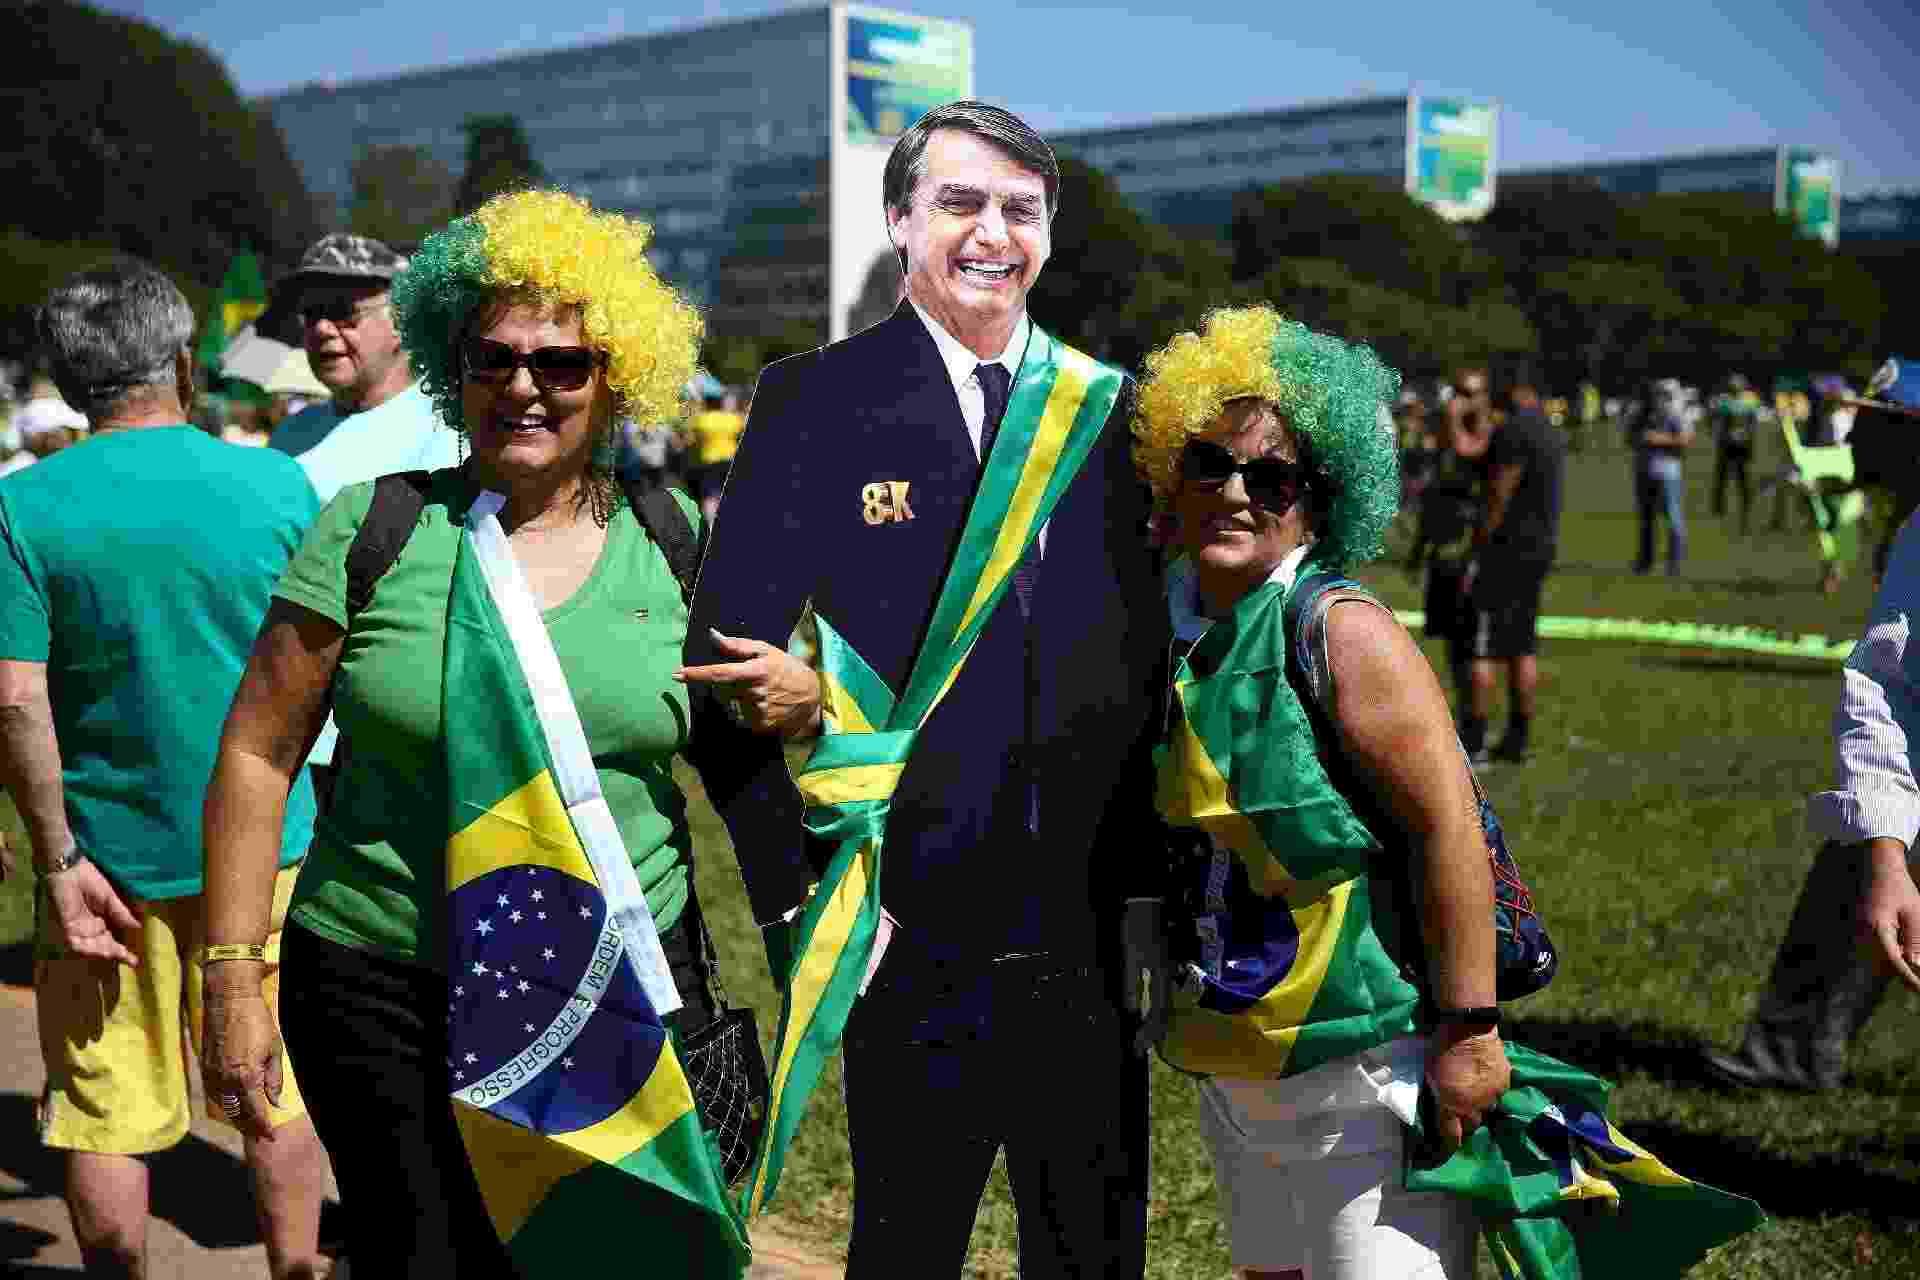 Manifestação a favor do governo em Brasília - Pedro Ladeira/Folhapress